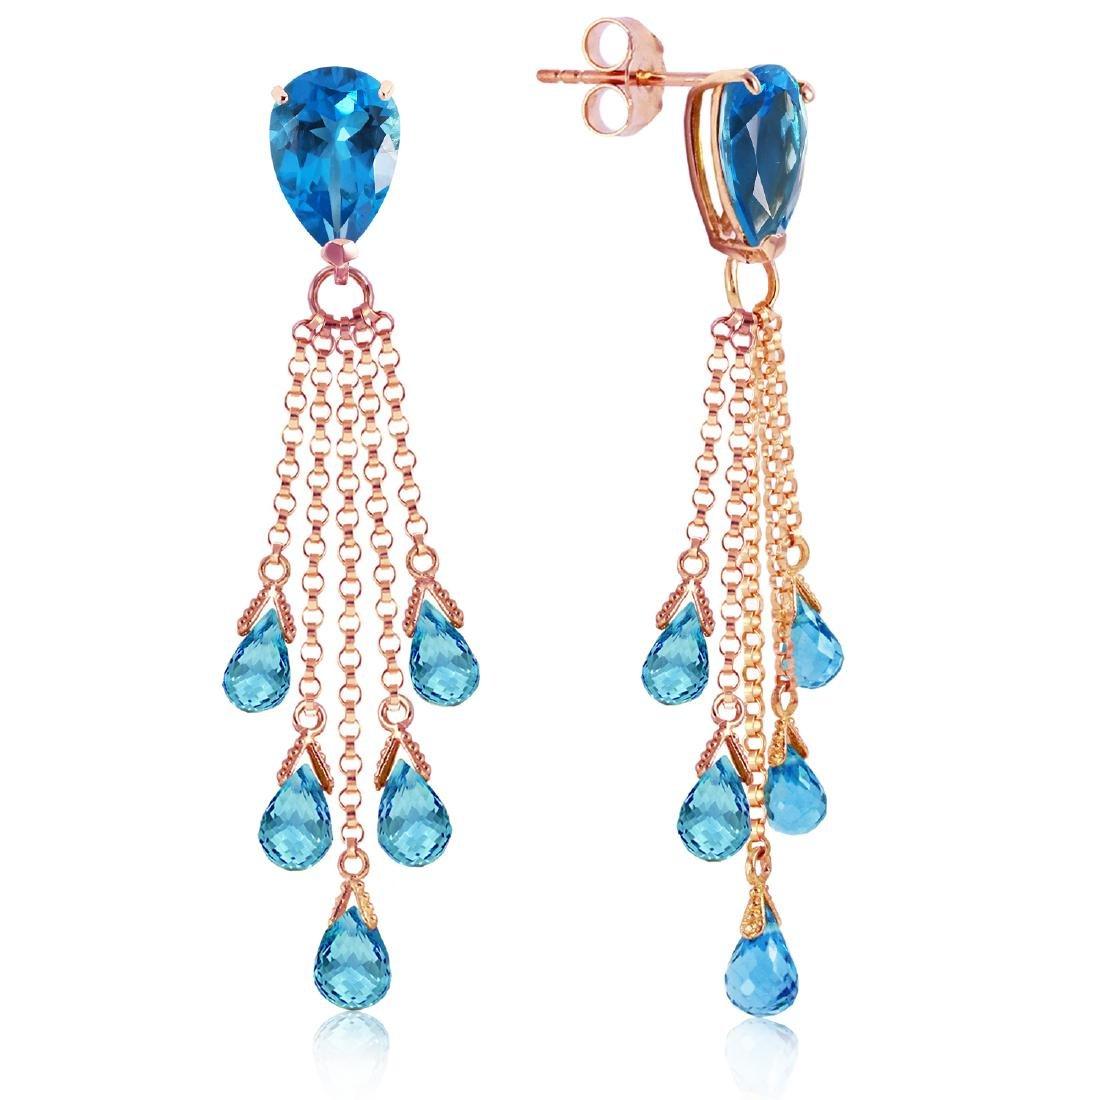 Genuine 15.5 ctw Blue Topaz Earrings Jewelry 14KT Rose